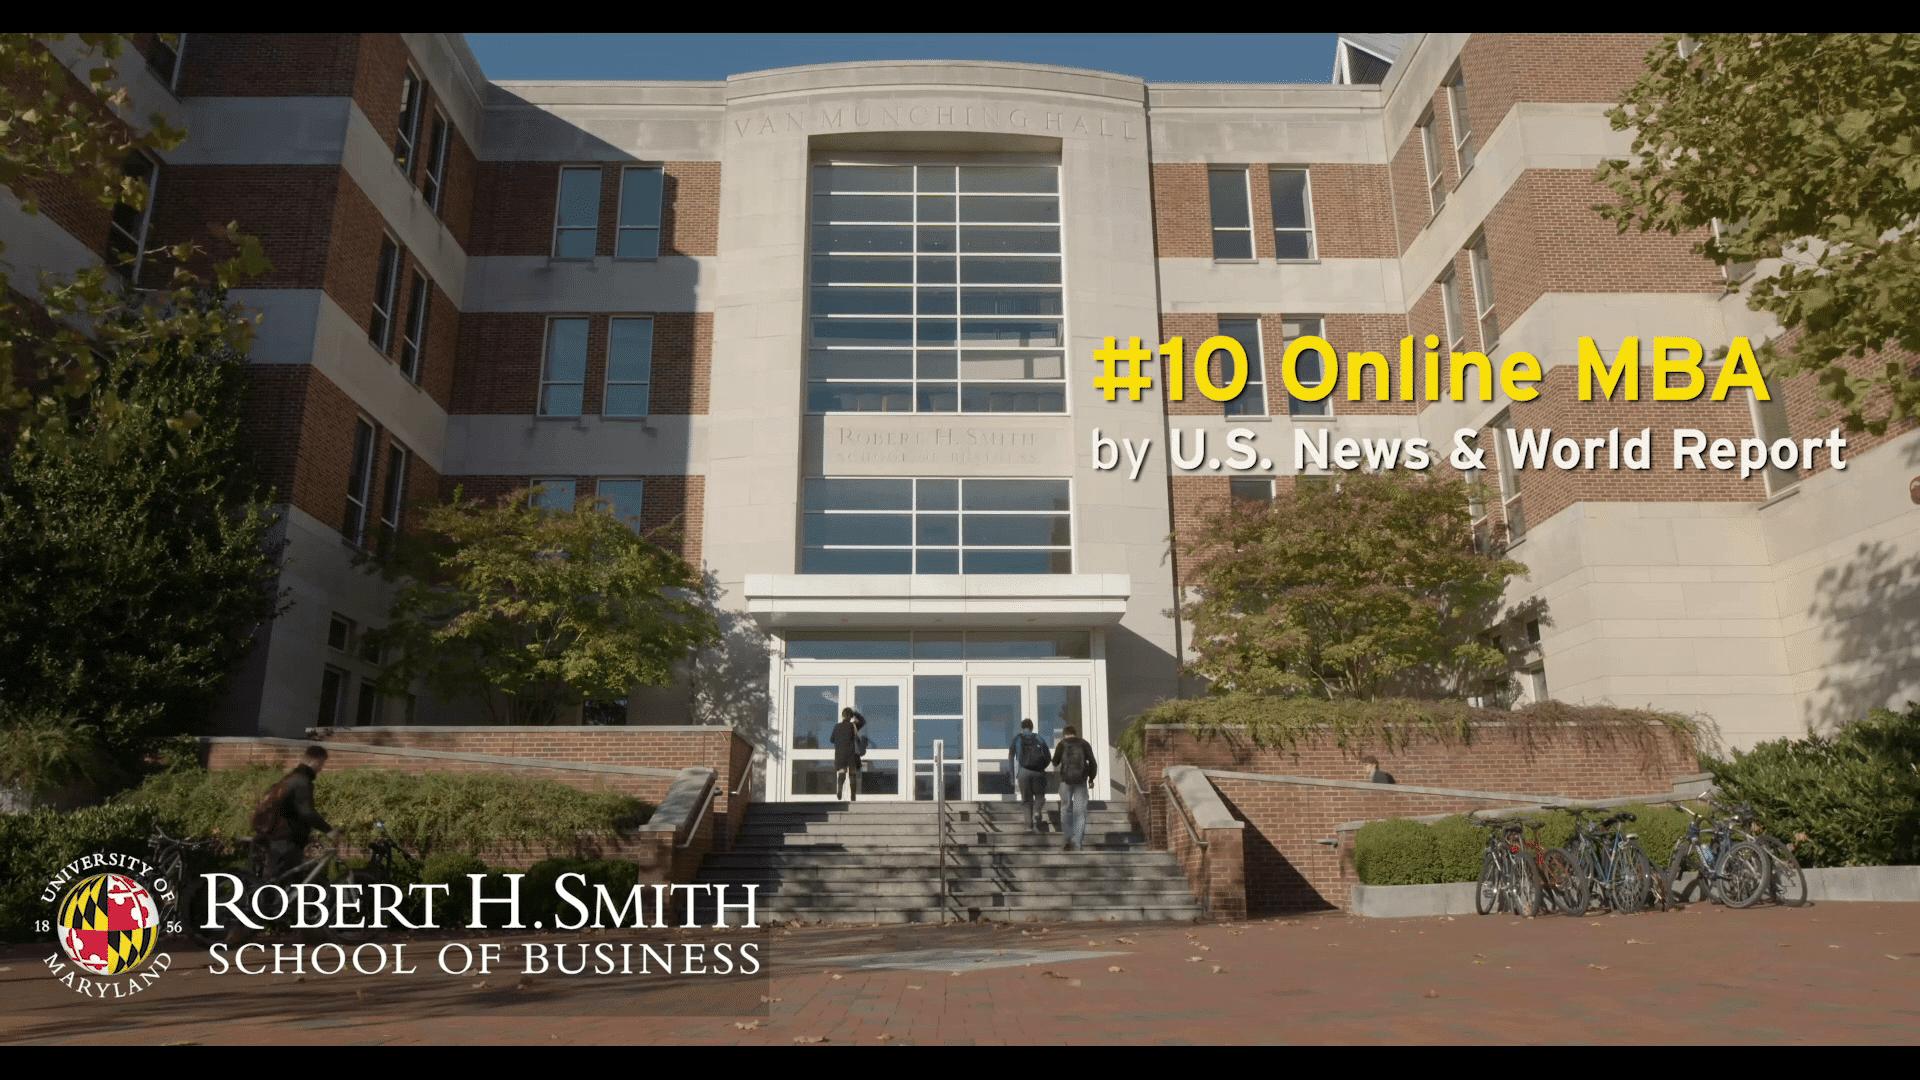 UMD: Robert H Smith School of Business Promo #2